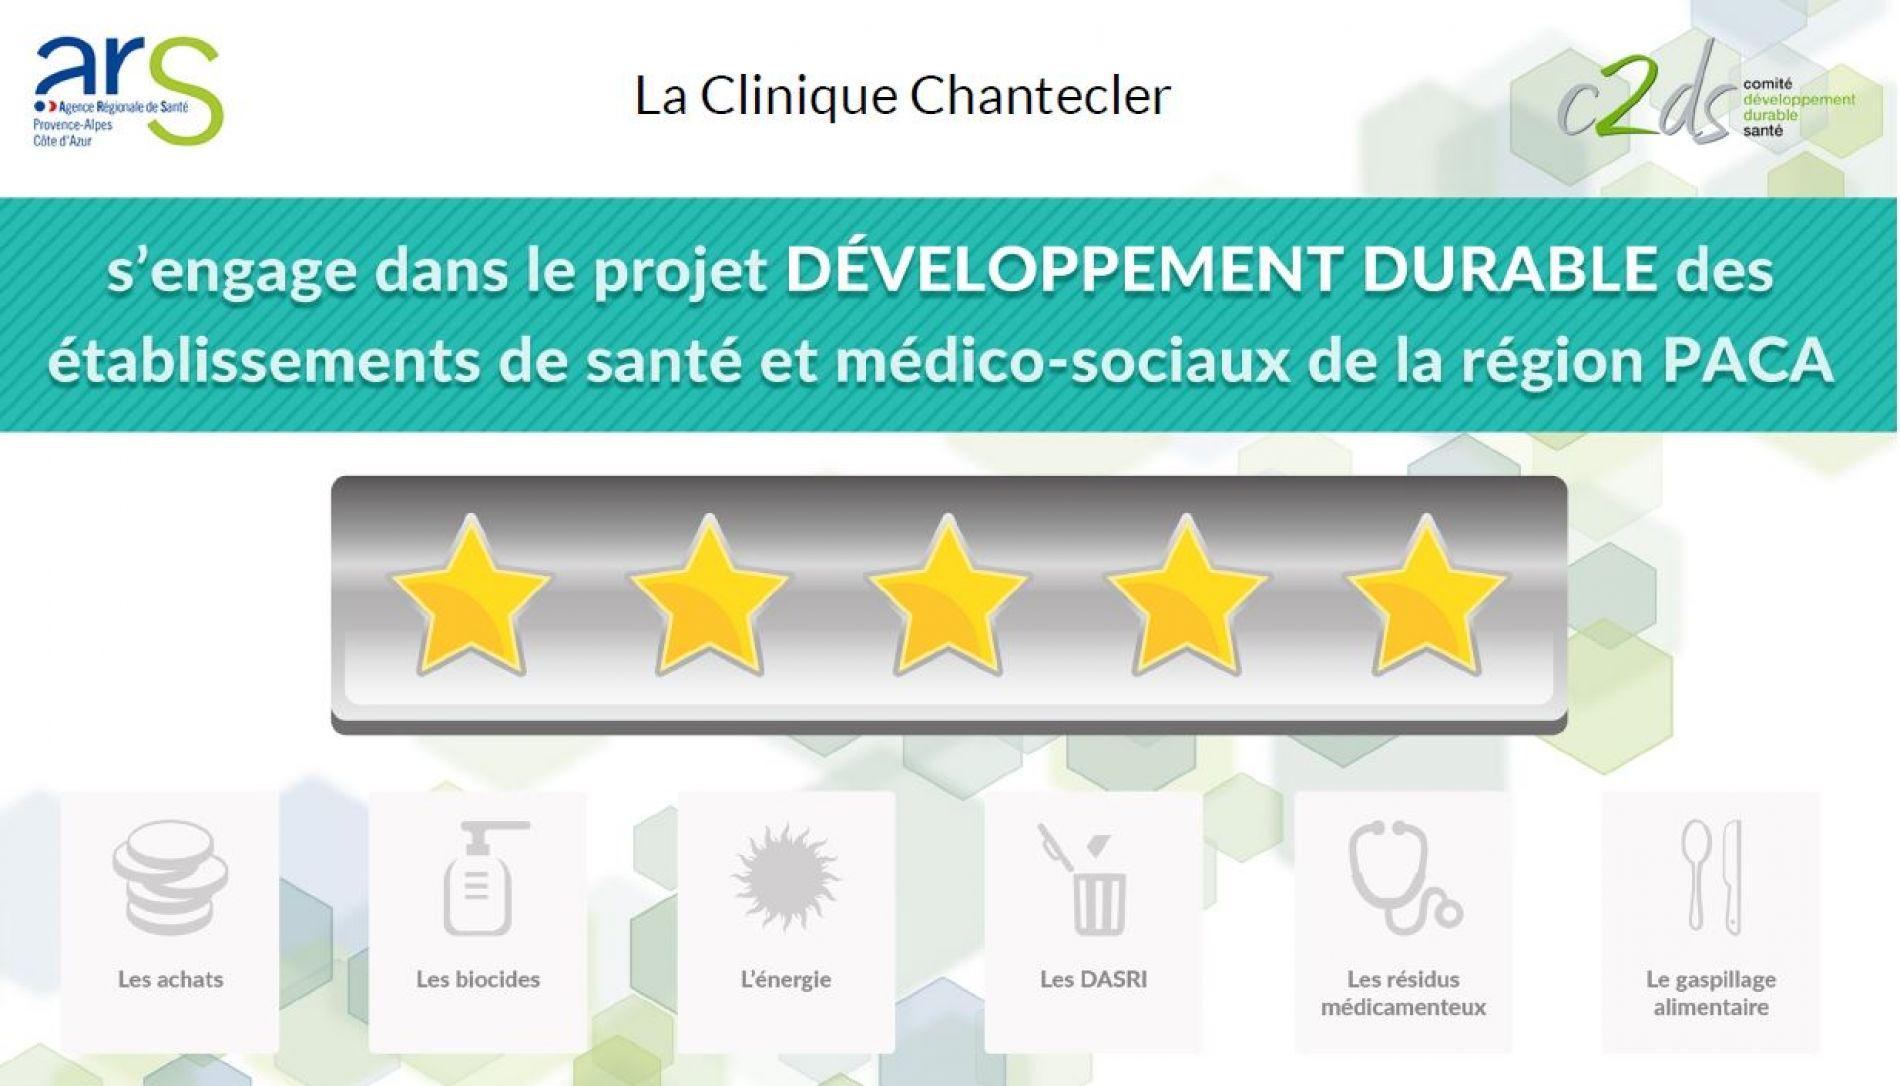 La Clinique Chantecler engagée dans la démarche Développement Durable